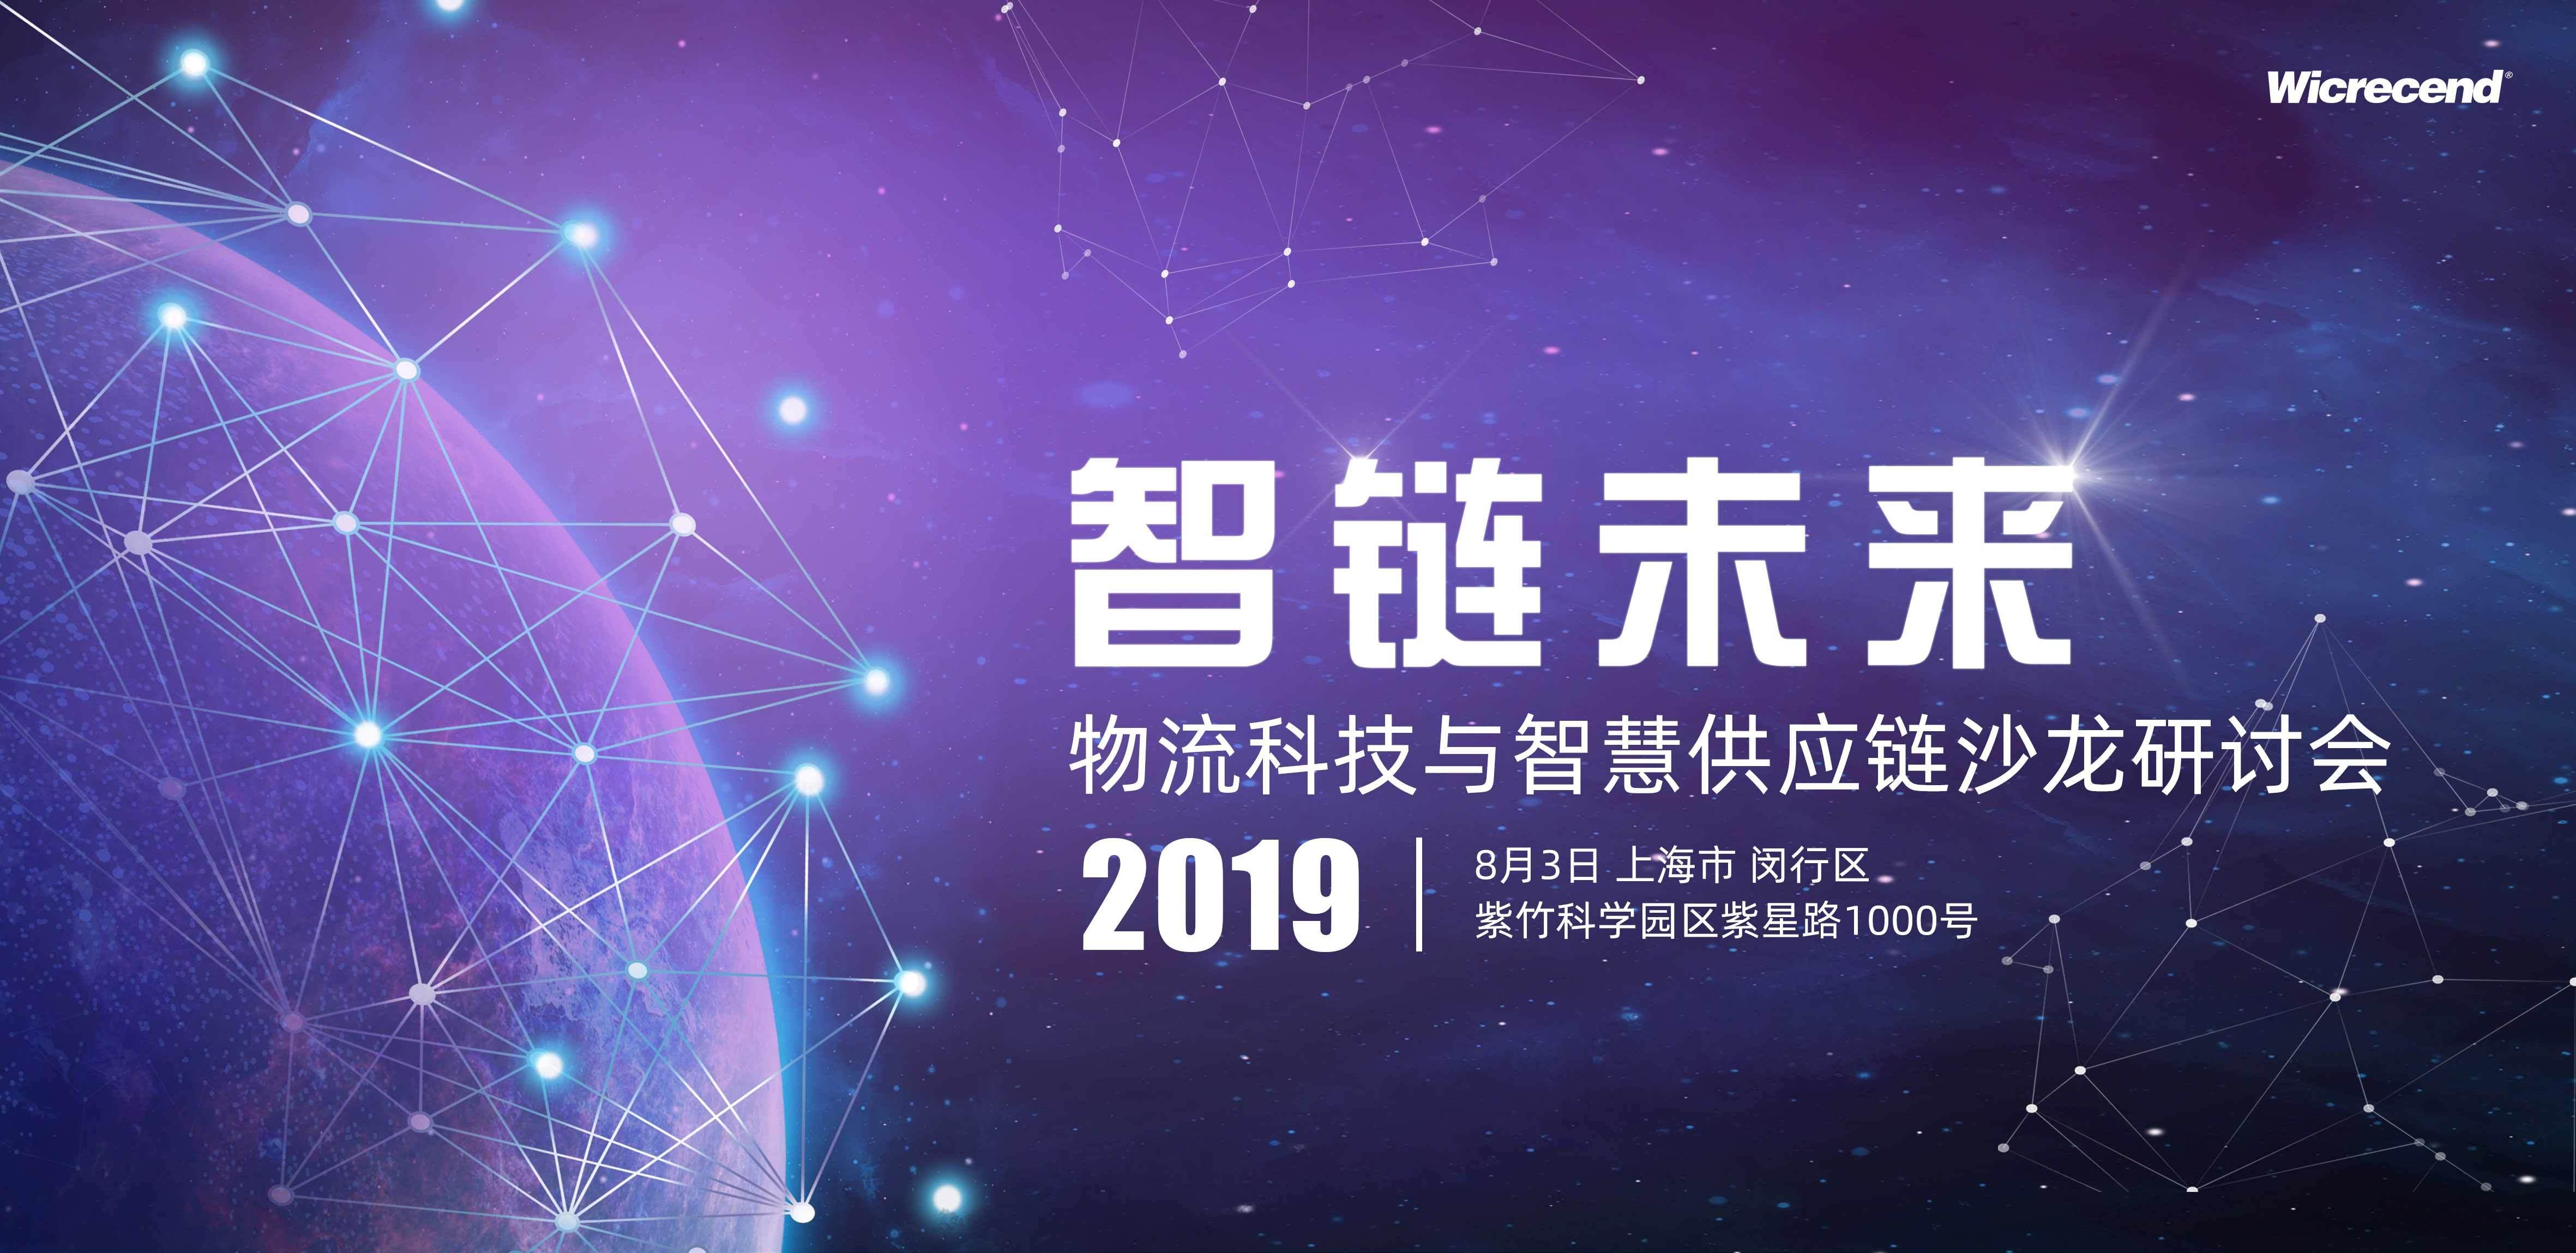 2019智链未来——物流科技与智慧供应链沙龙研讨会(上海)